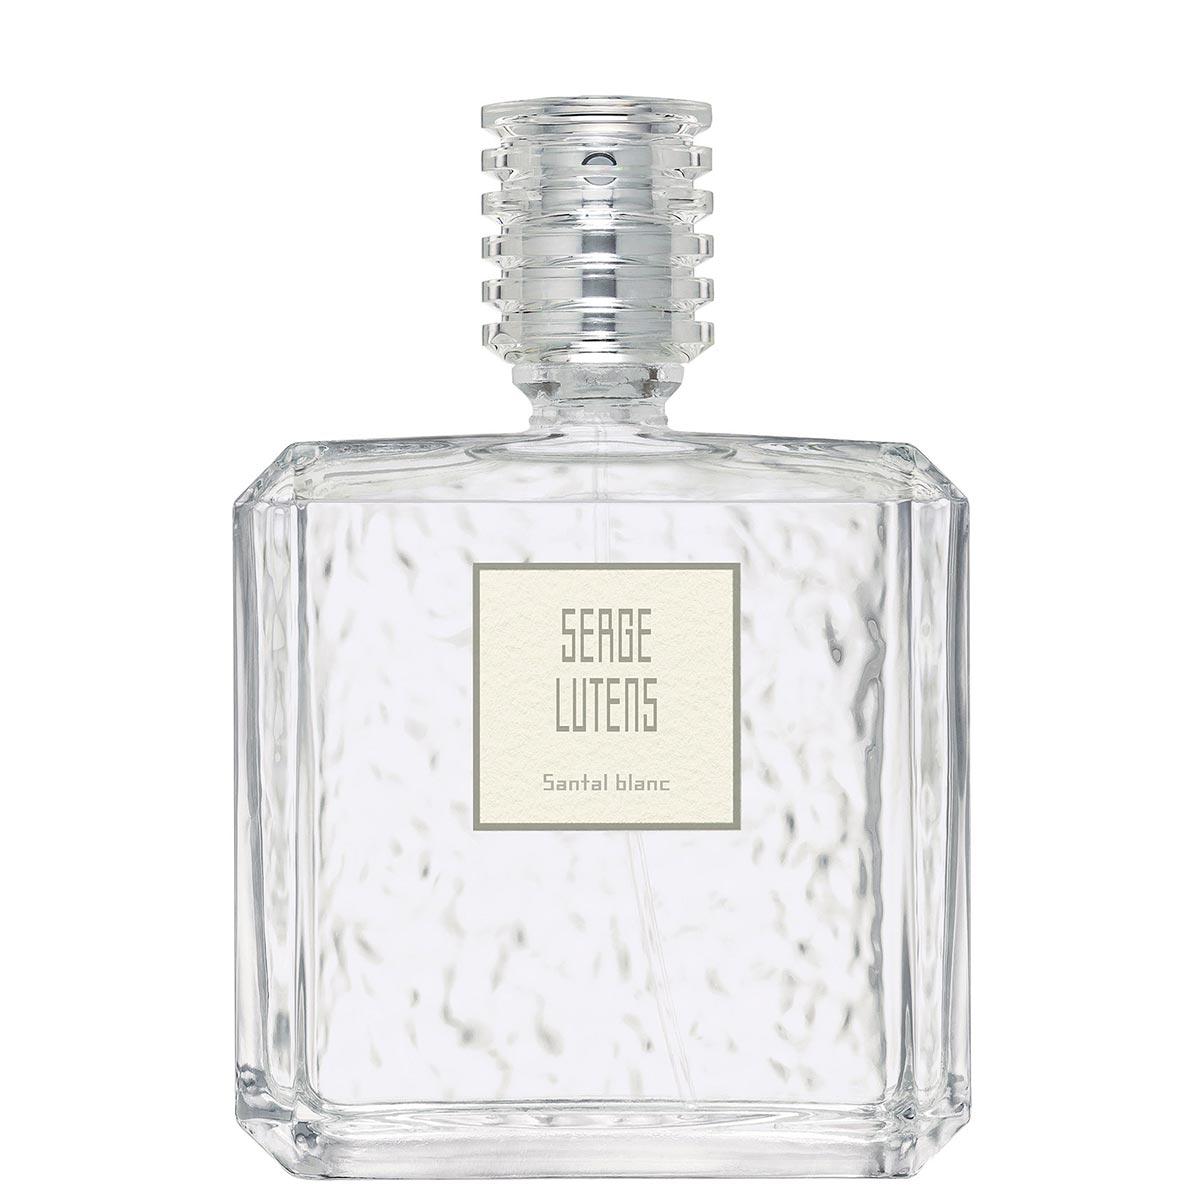 Eau de Parfum Santal blanc - SERGE LUTENS